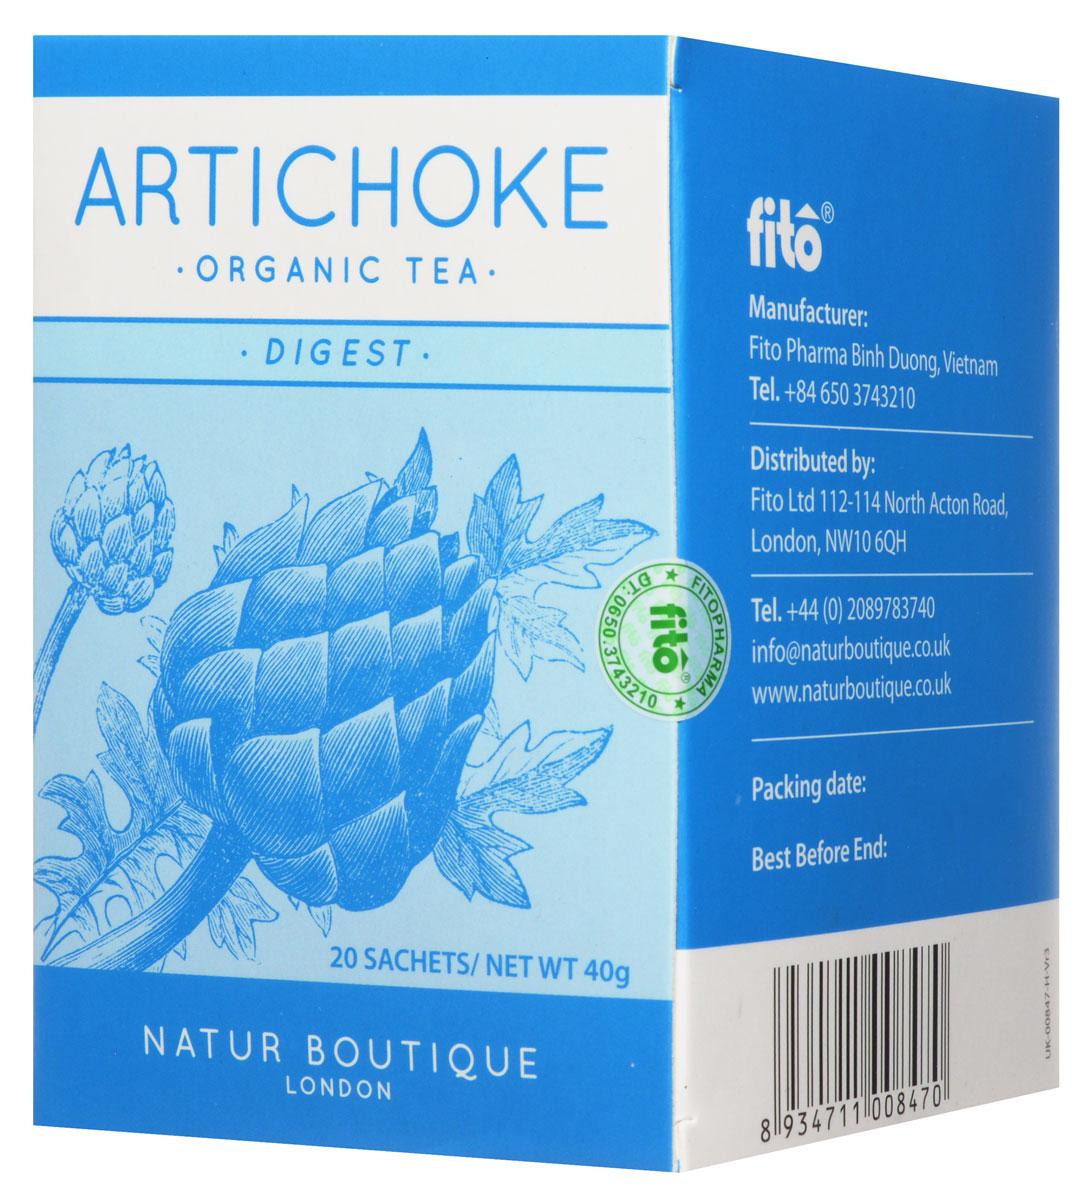 Natur Boutique Аrtichoke Organic Tea органический чай с артишоком, 20 пакетиков250Natur Boutique Аrtichoke Organic Tea - идеальный выбор для желающих улучшить пищеварение и состояние кожи, поддержать функции печени и безопасно очистить организм. Это первый чай с натуральным органическим артишоком (соцветия, стебли и листья органического артишока). Необычно новый вкус, чем то схож с земляным зеленым чаем. Артишок обладает оздоравливающими свойствами, содержит в себе комплекс веществ (флавоноиды, цинарин, инулин др.), которые положительно влияют на здоровье желудочно - кишечного тракта. Не пейте этот чай, если у вас камни в желчном пузыре. Также не рекомендовано принимать при индивидуальной чувствительности к компонентам продукта. Беременным, женщинам в период лактации и детям принимать рекомендуется только по рекомендации и под присмотром врача.